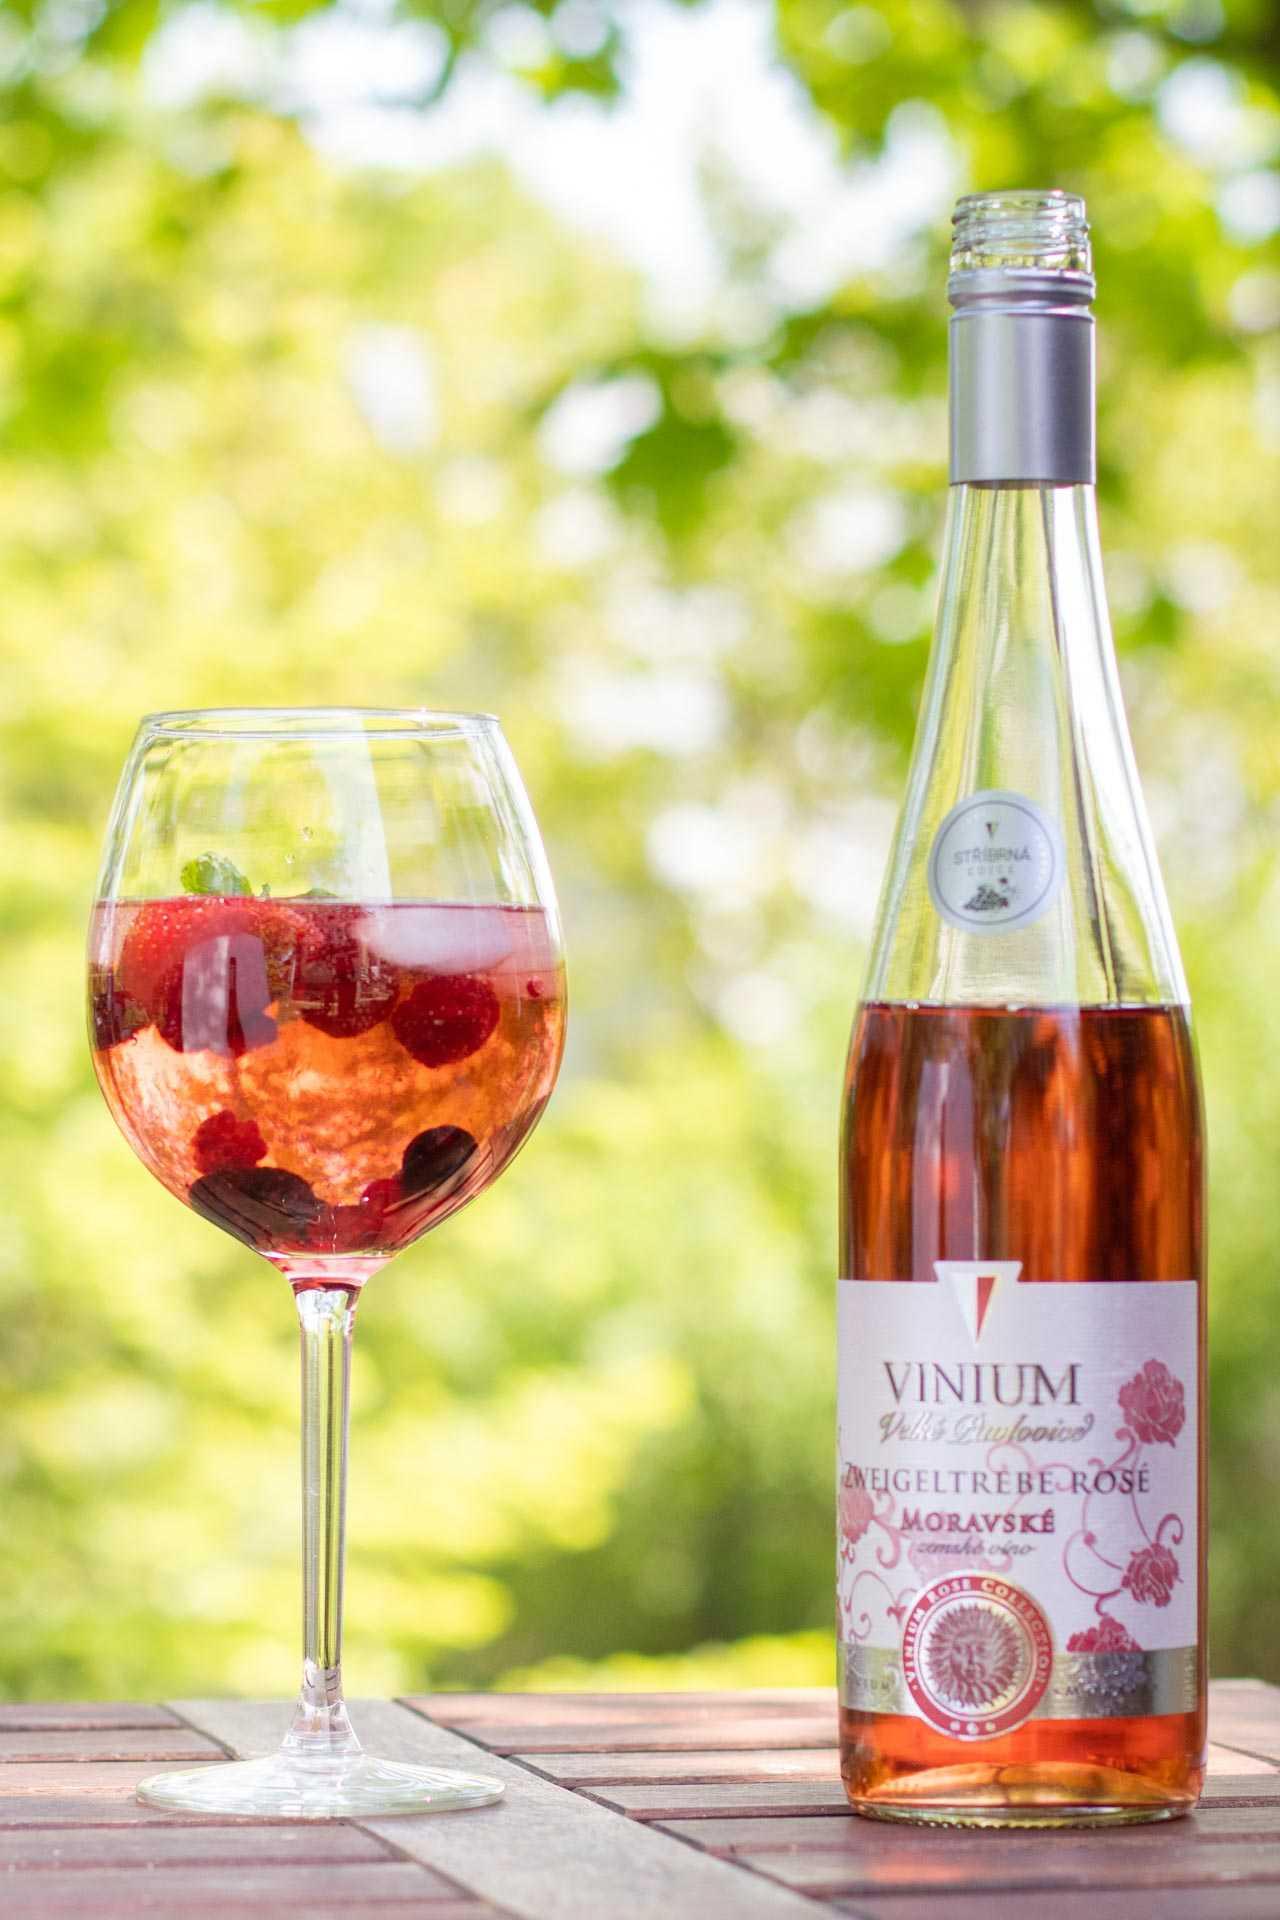 Vinný střik, Růžové víno, Vinium, letní drinky, osvěžení